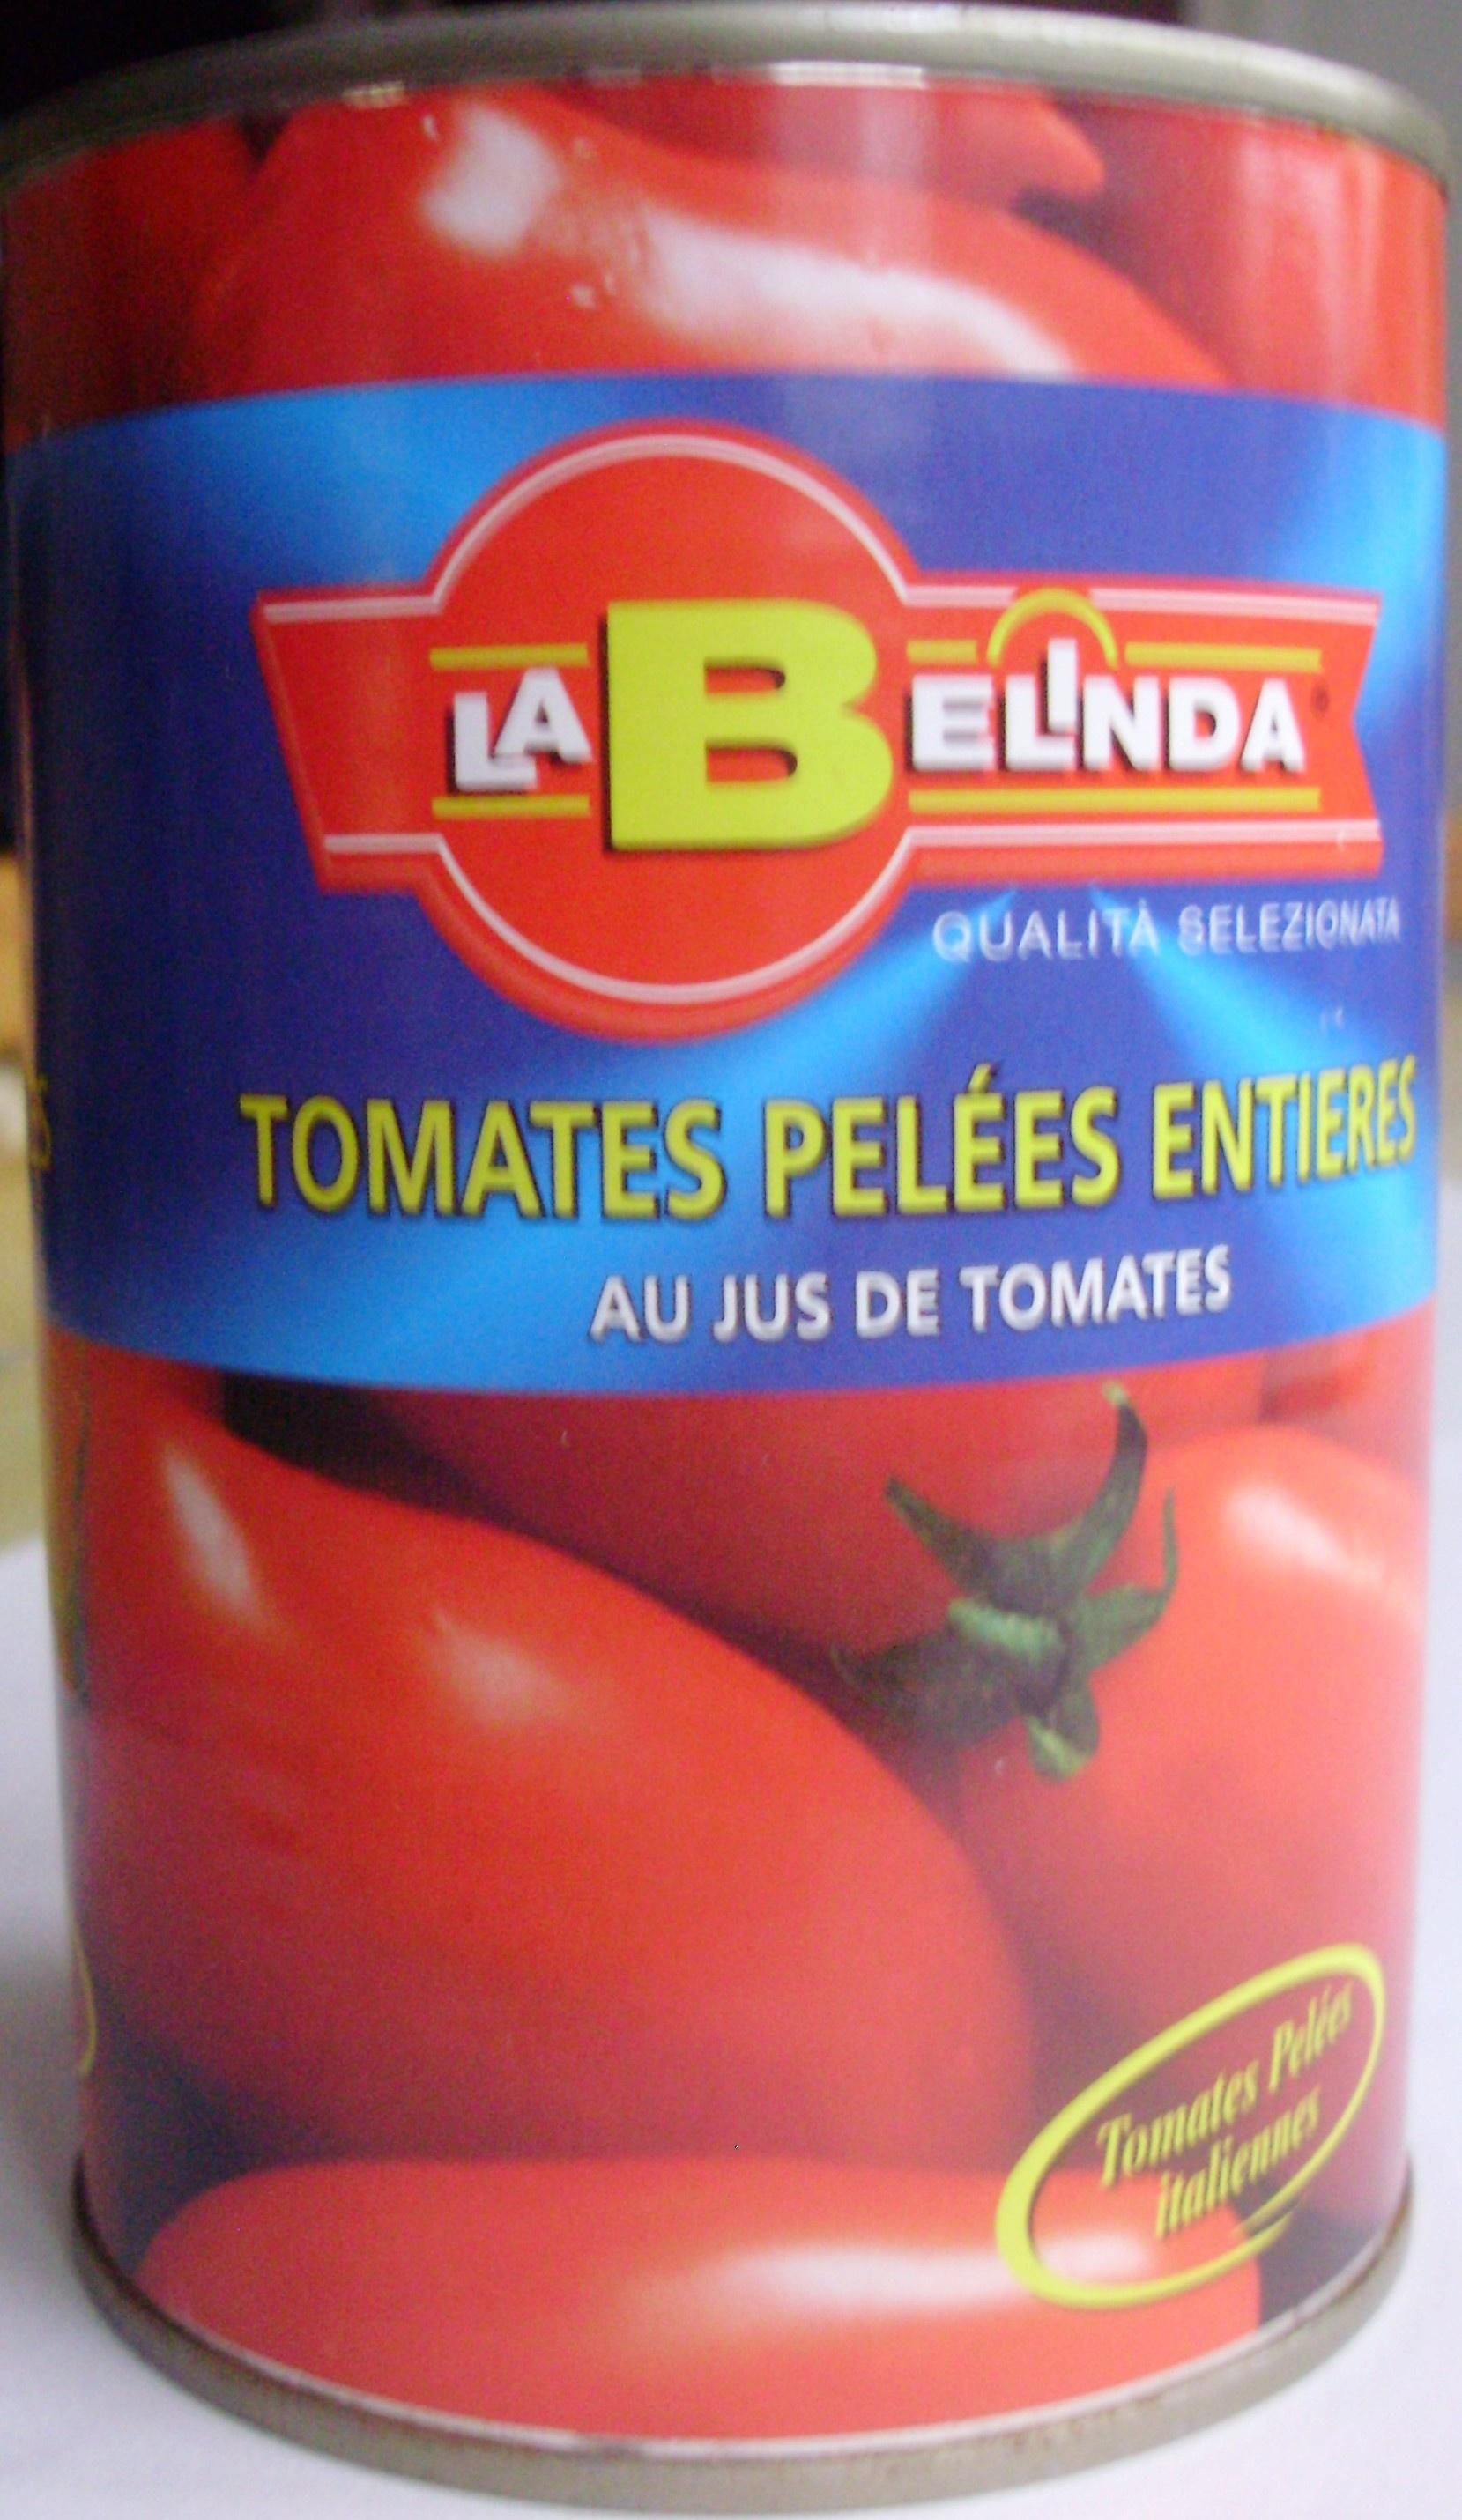 Tomates Pelées Entières au jus de tomates 400 g - La Belinda - Product - fr